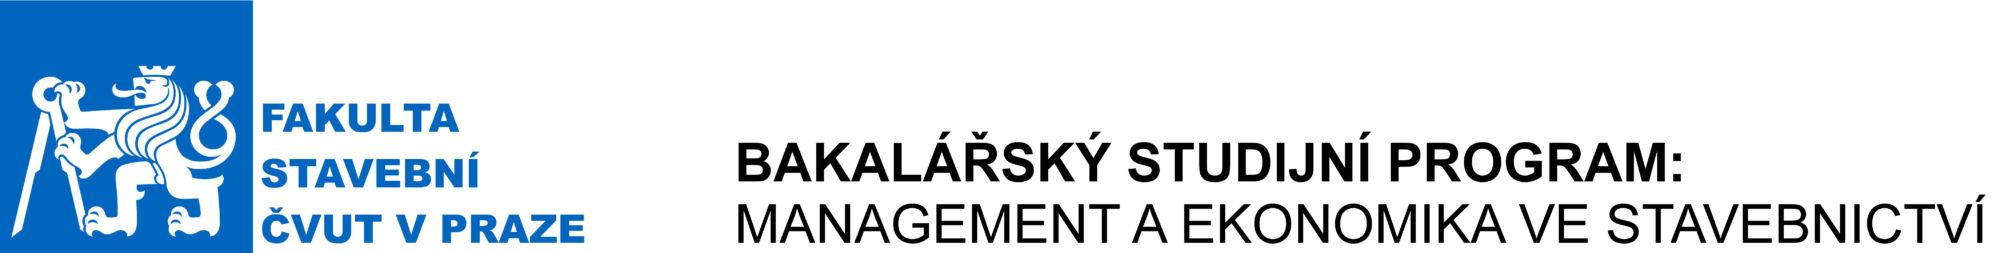 Bakalářský studijní program Management a ekonomika ve stavebnictví